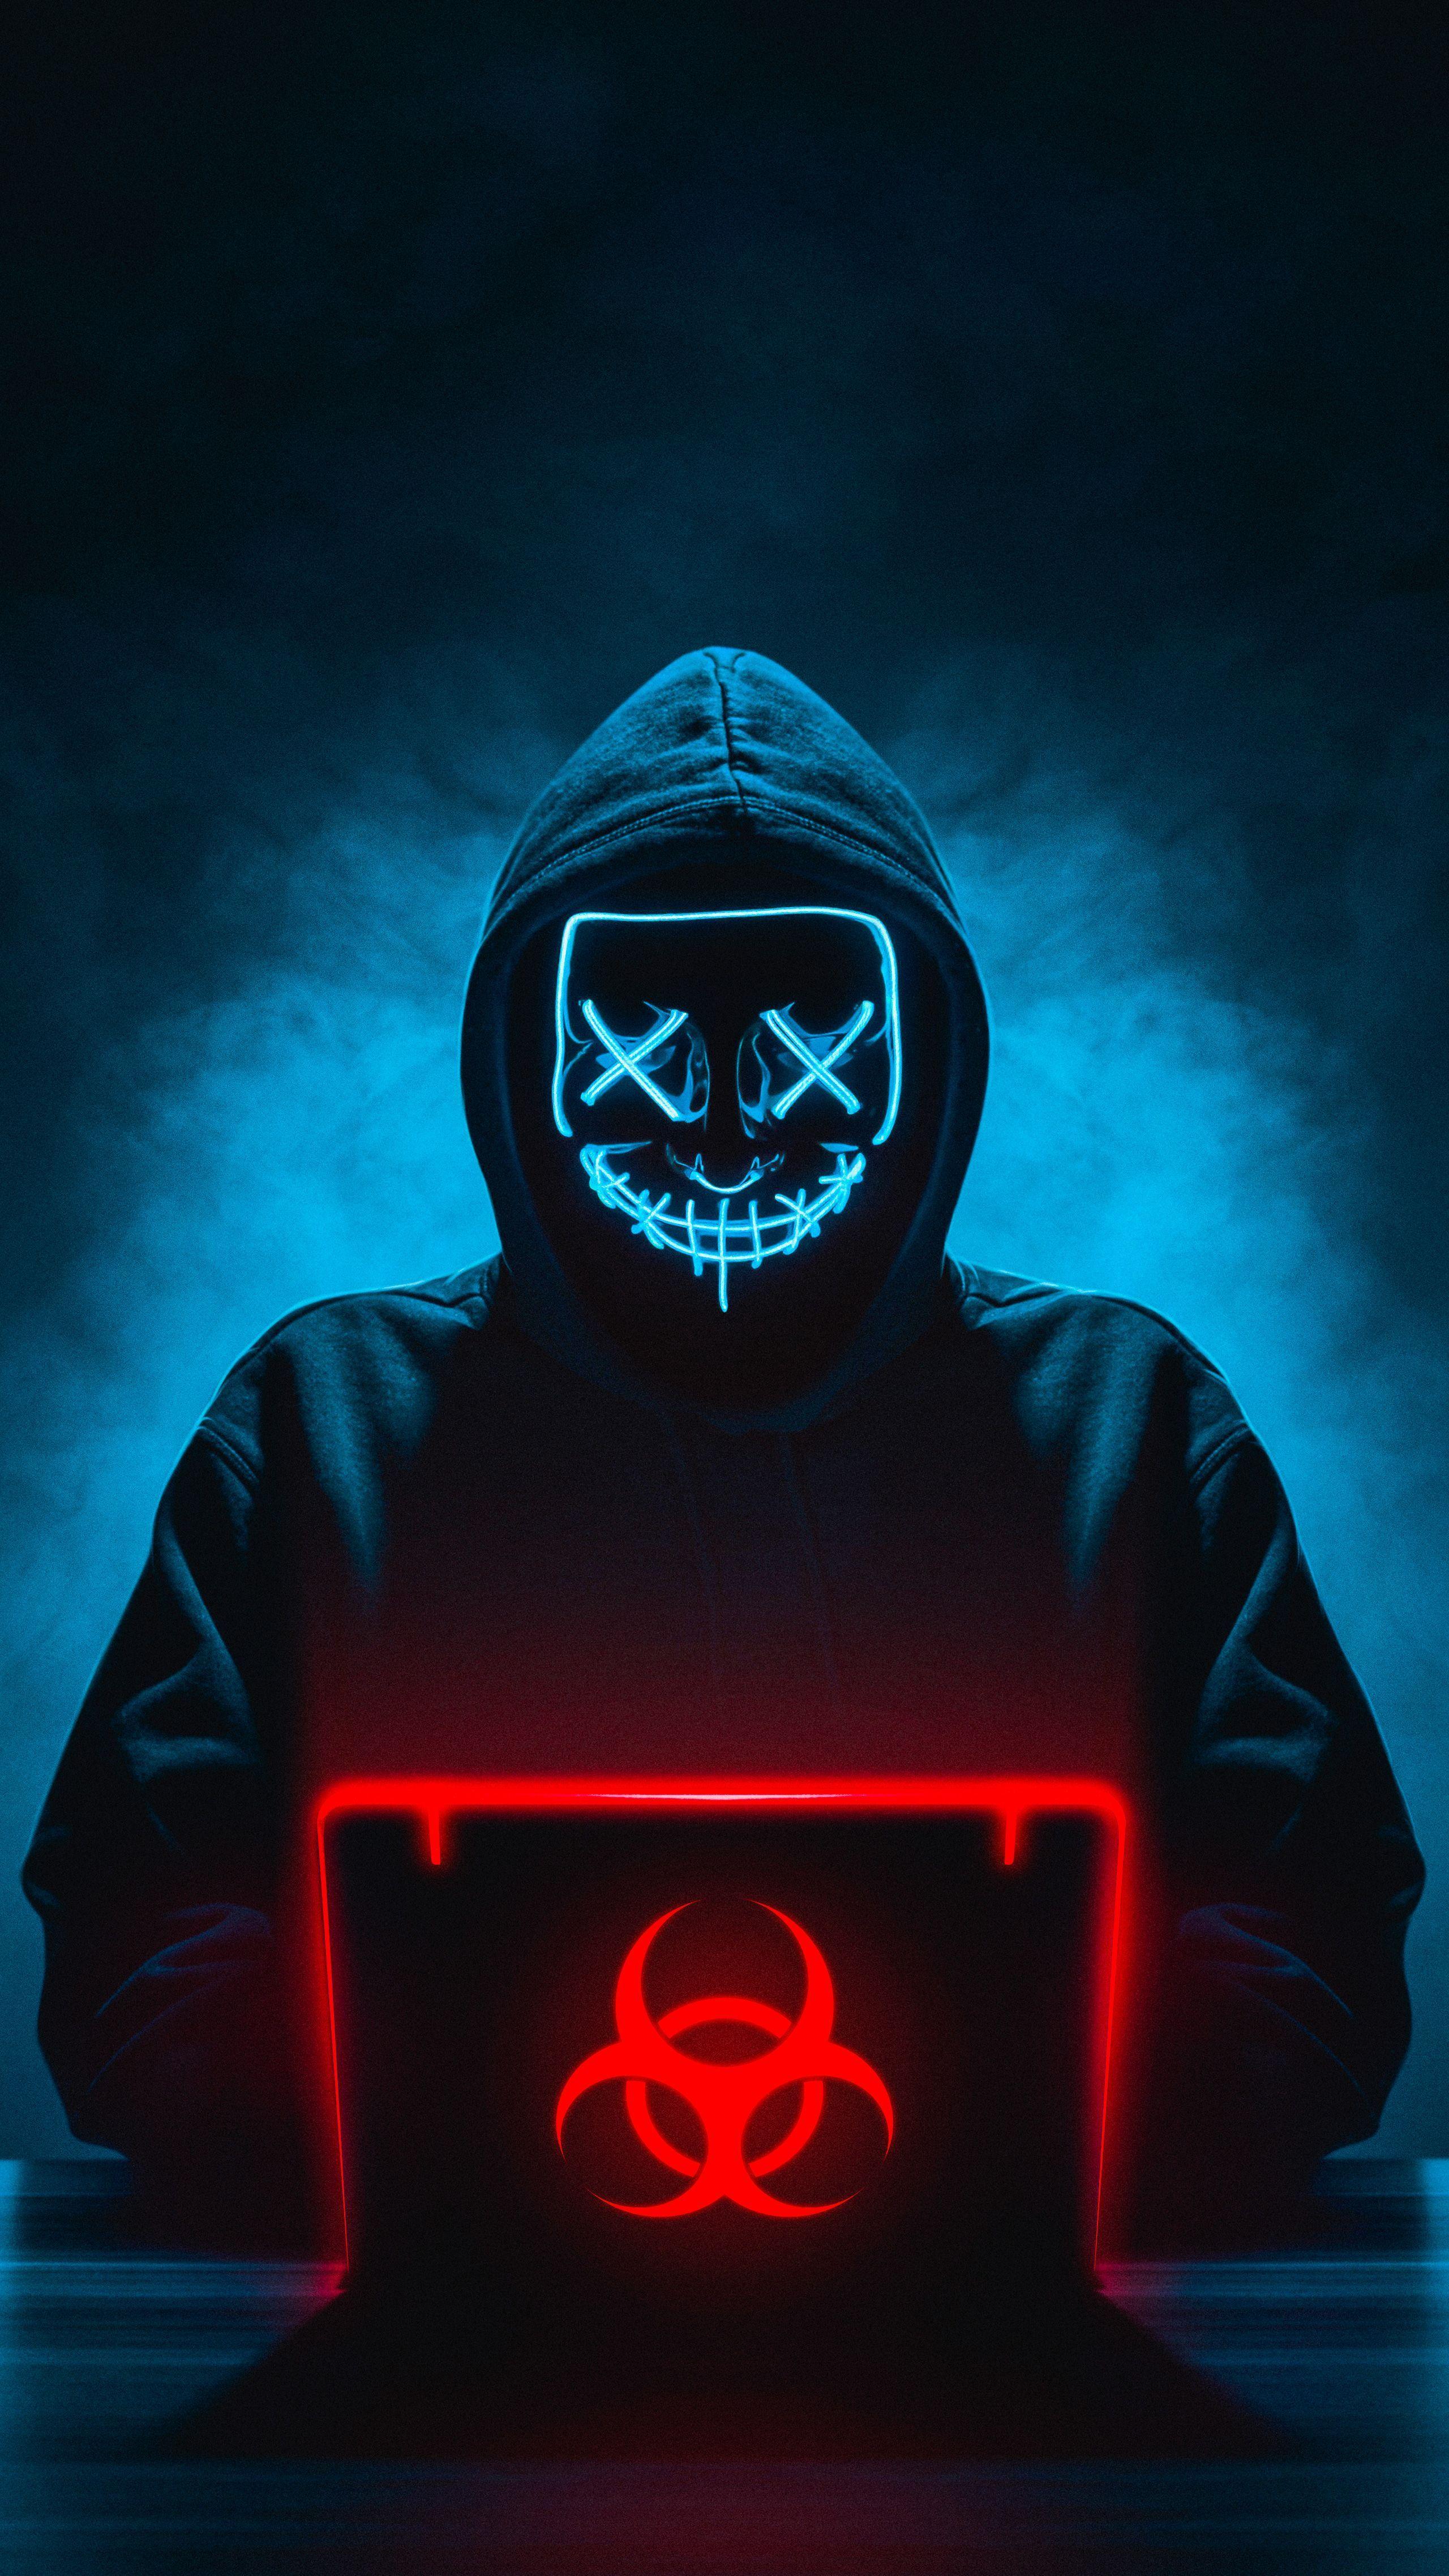 Hackers Em 2020 Papel De Parede Android Papel De Parede Supreme Papel De Parede Para Iphone